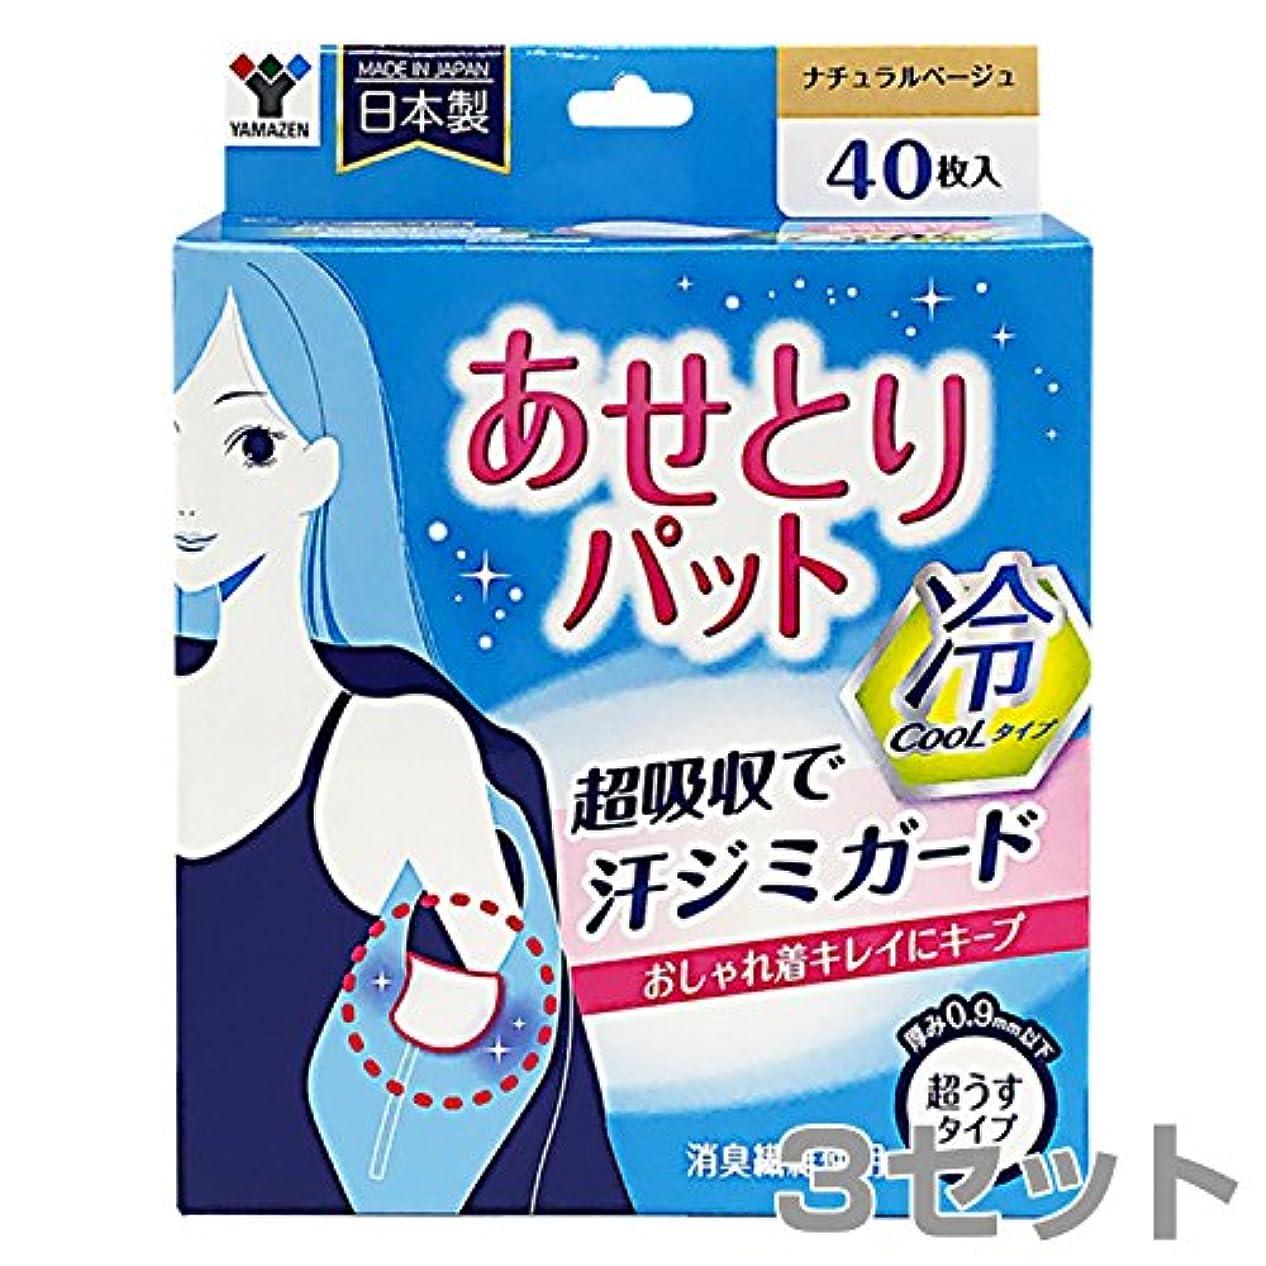 かき混ぜるスローガン助言する山善(YAMAZEN) 【日本製】 あせとりパット スリム 超うすタイプ 40枚×3セット(120枚) YAP-C40*3 クールタイプ